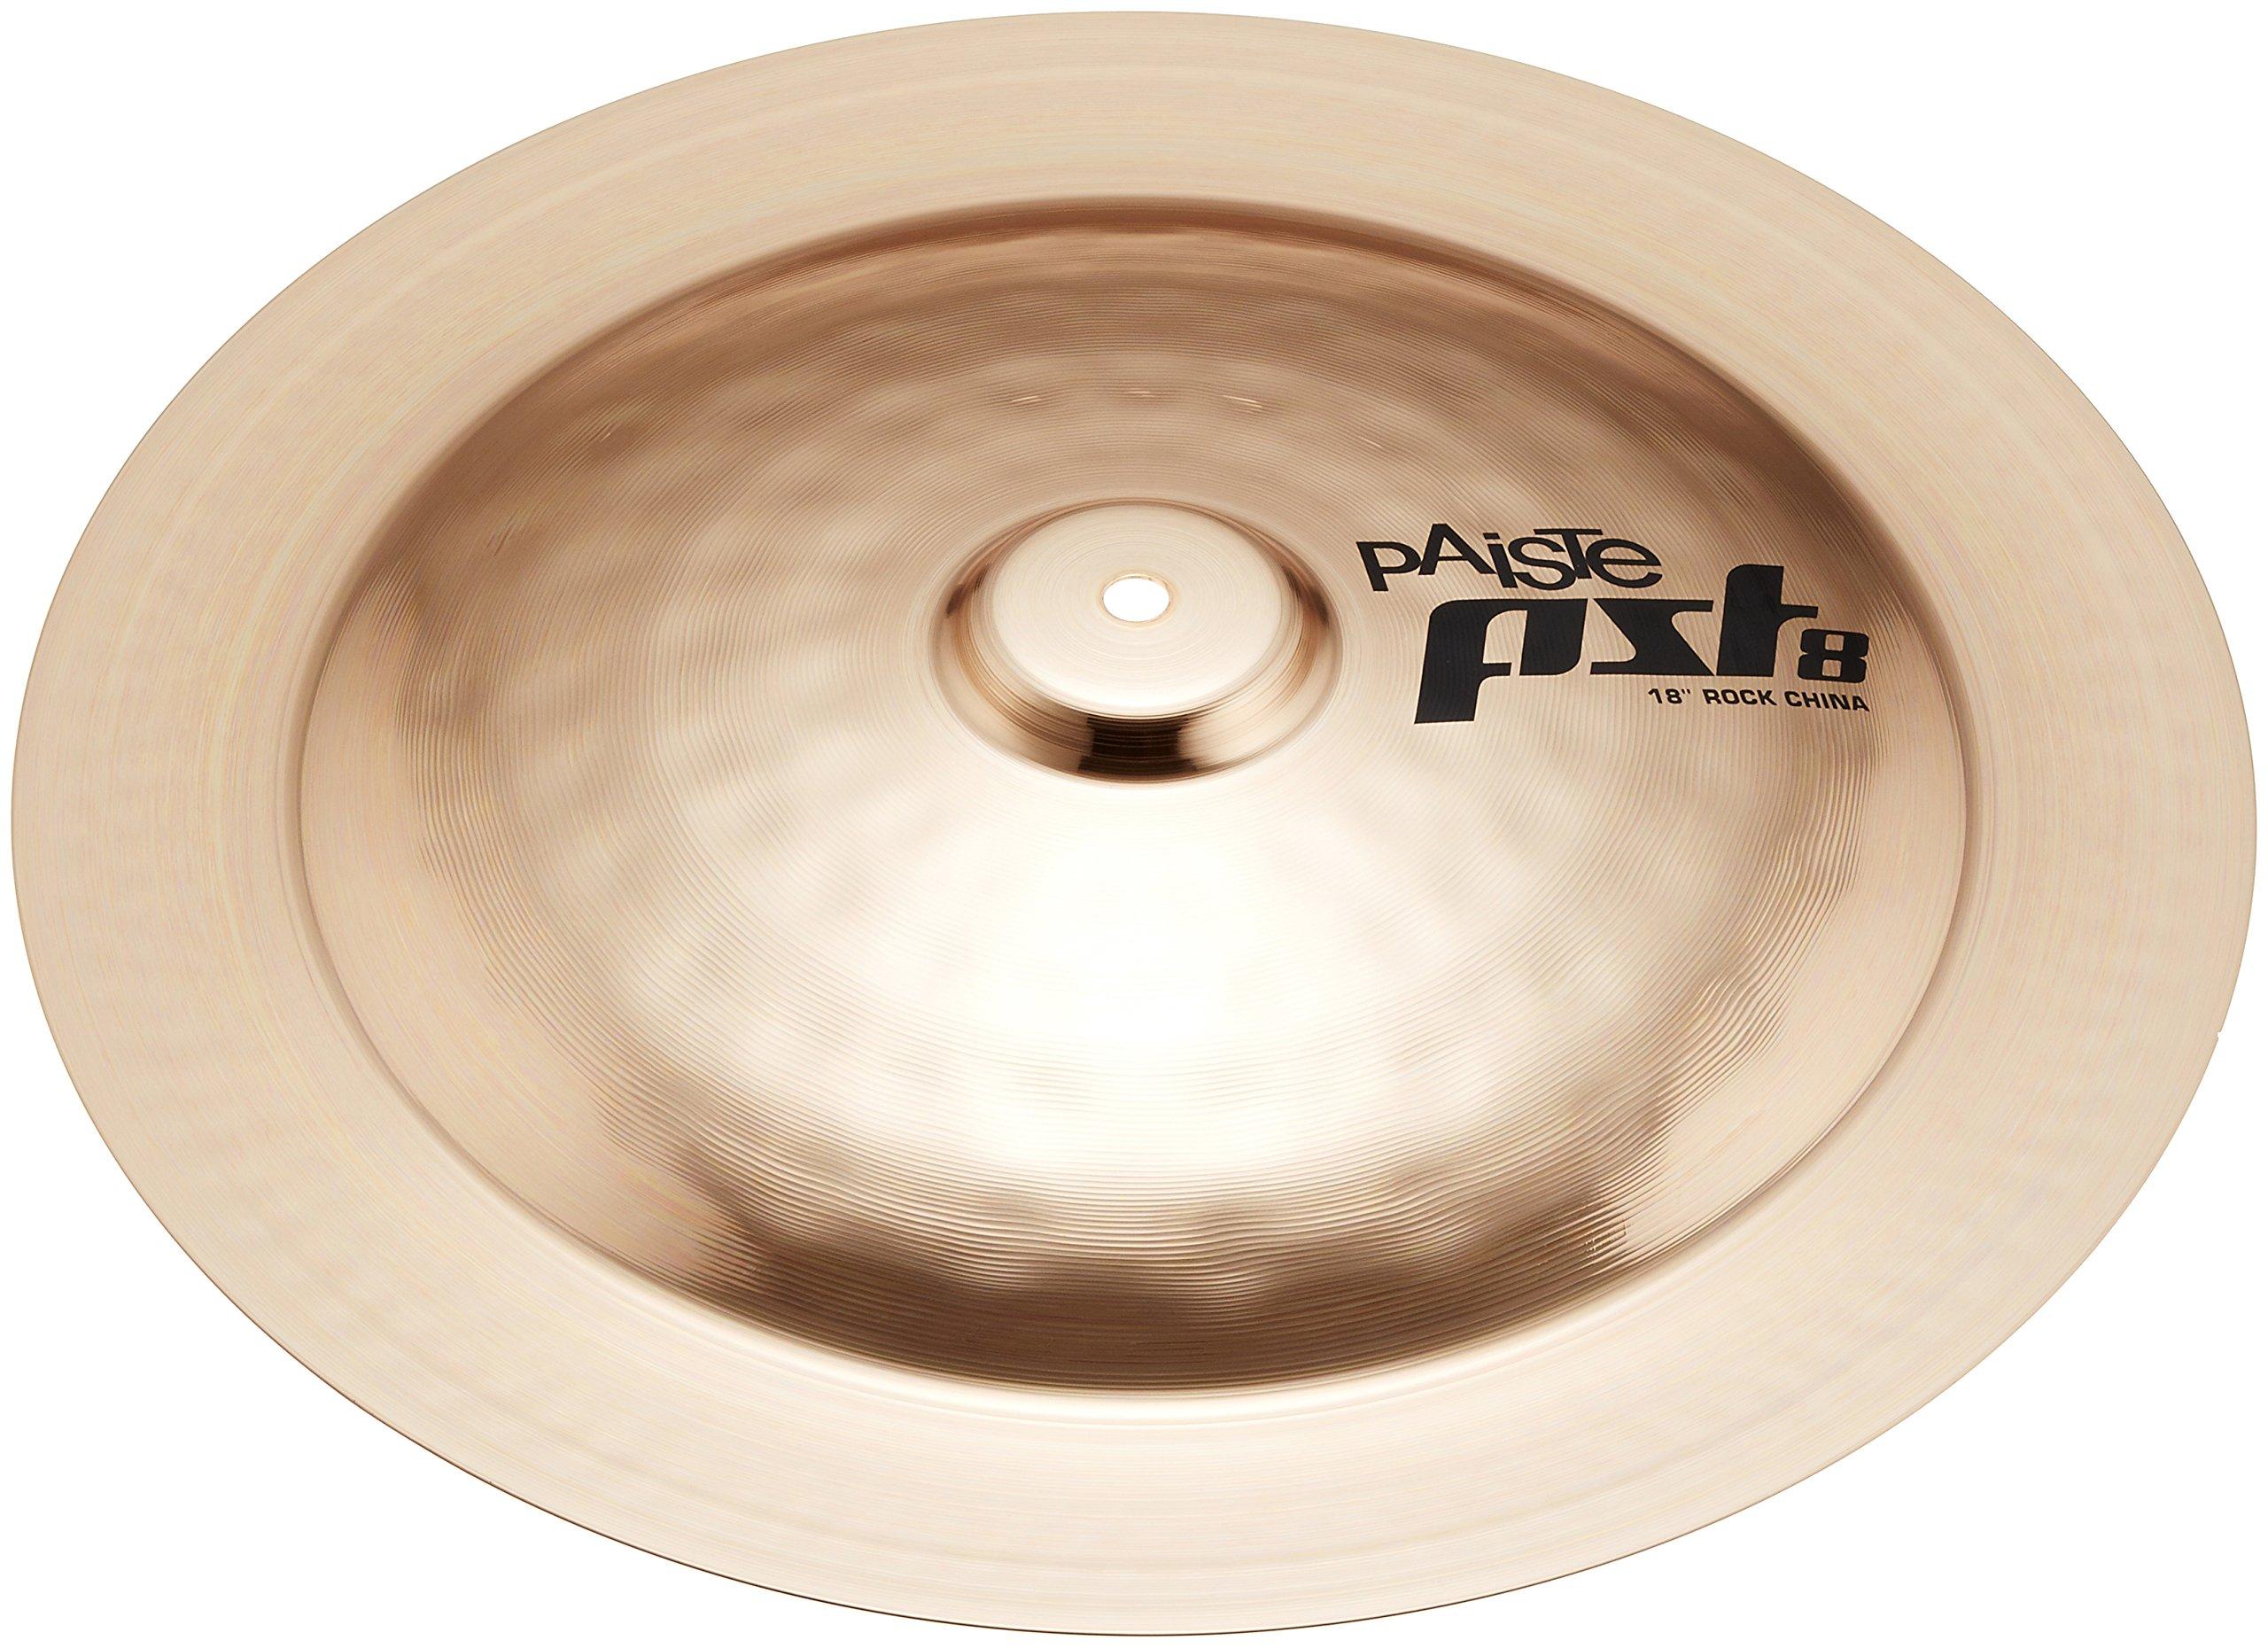 Paiste 18'' PST 8 Reflector Rock China Cymbal